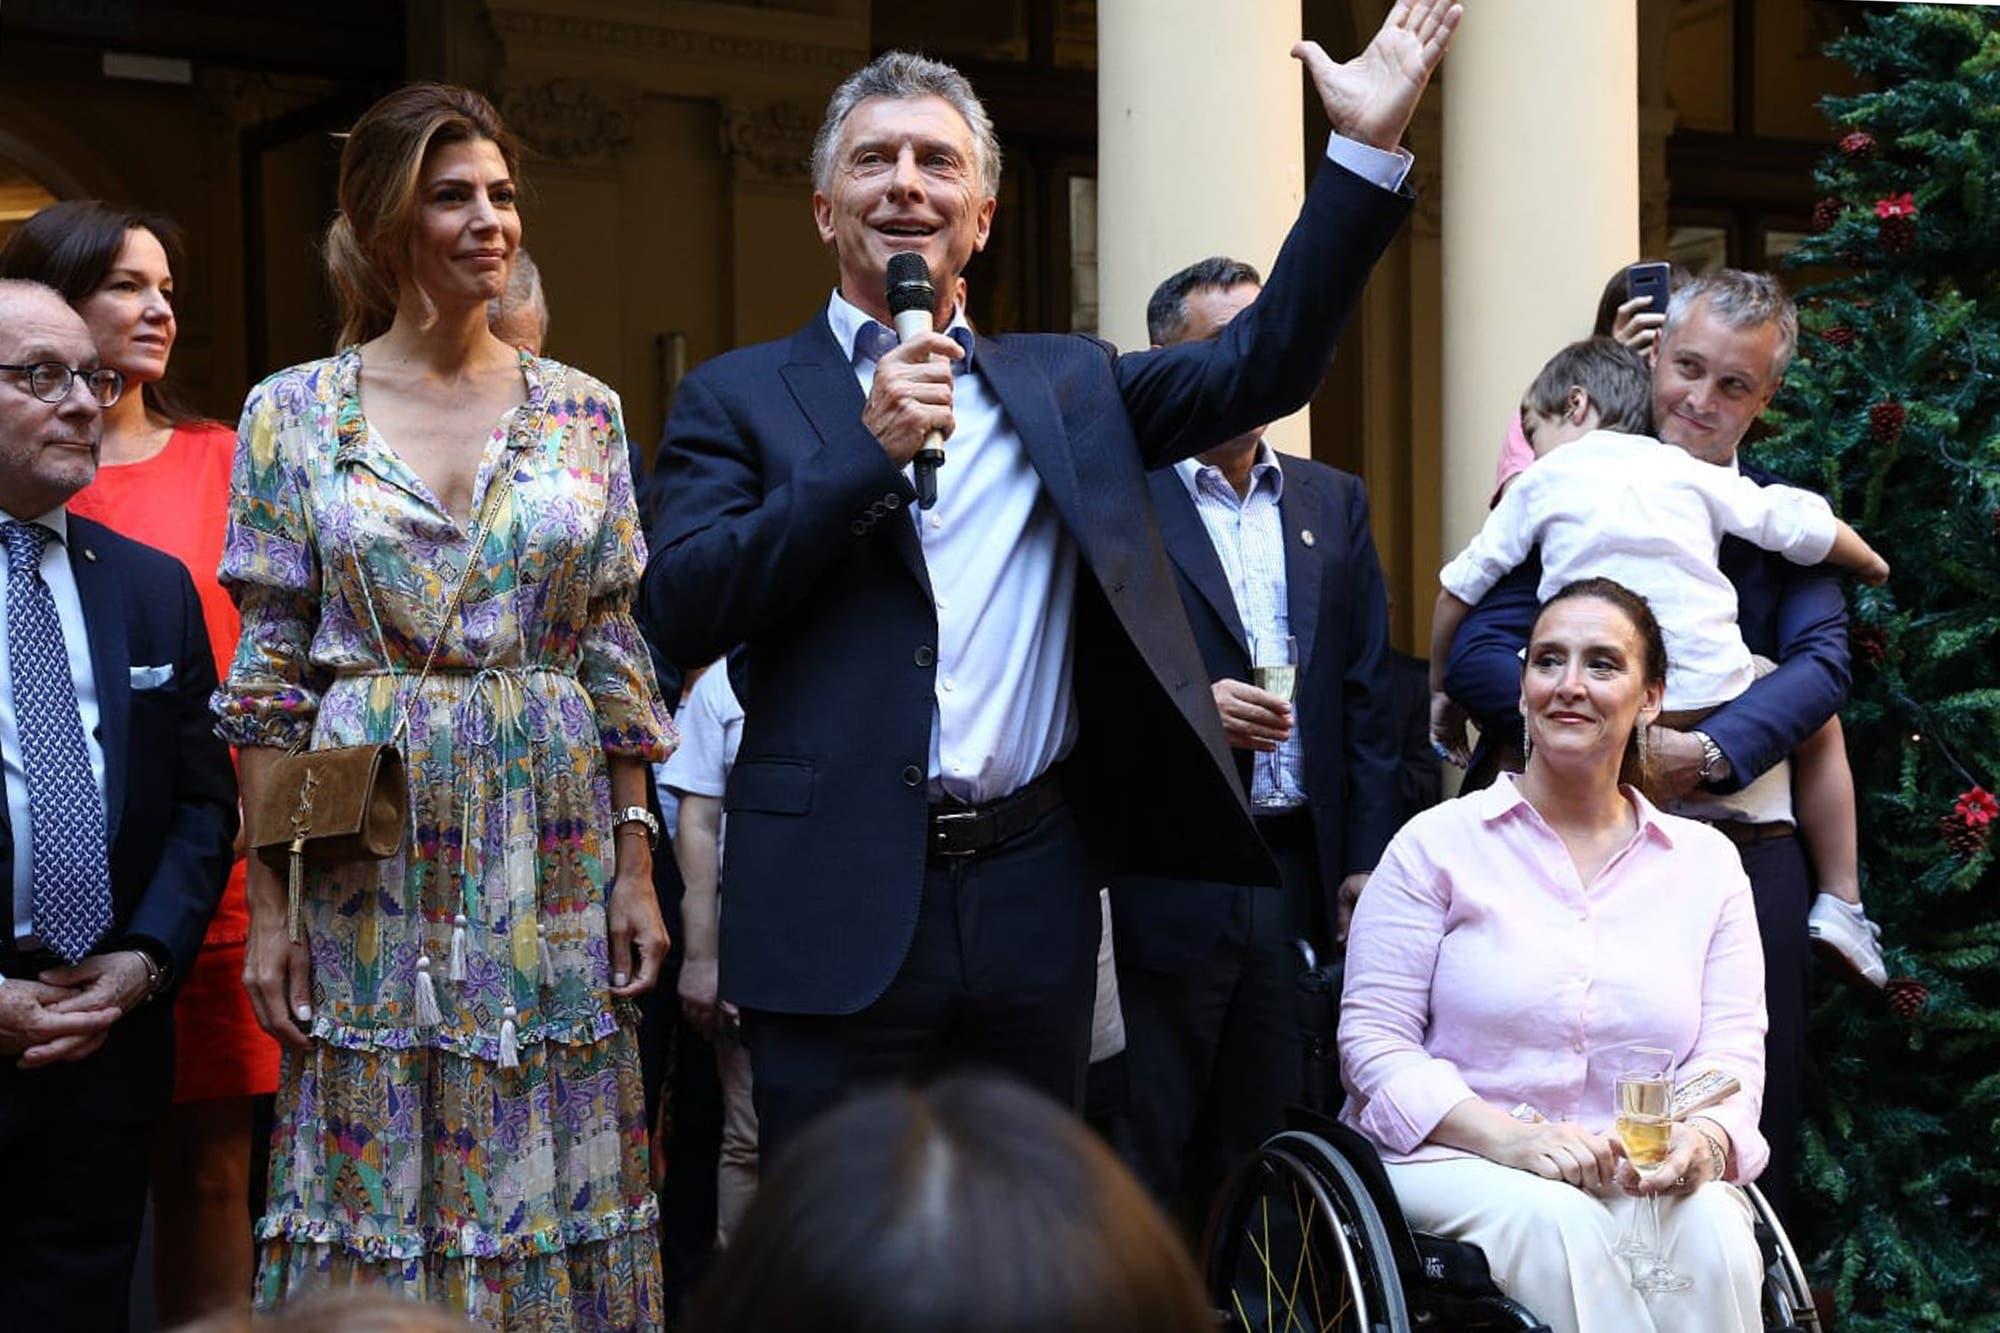 La despedida: Macri partió de la Casa Rosada, la última vez como presidente